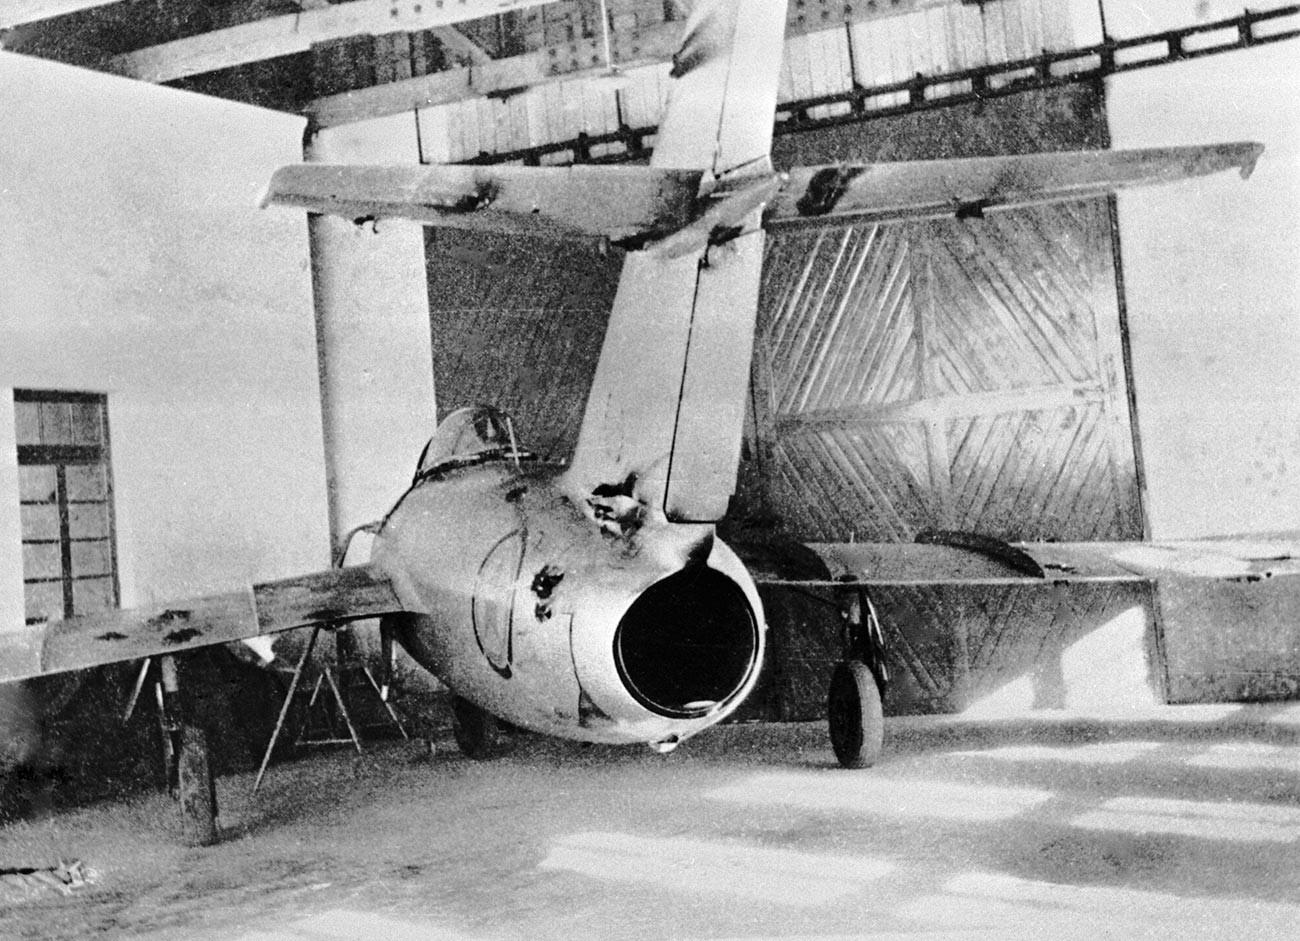 Sovjetski MiG-15 z vidnimi poškodbami na trupu, ki jih je prejel med zračnim bojem.